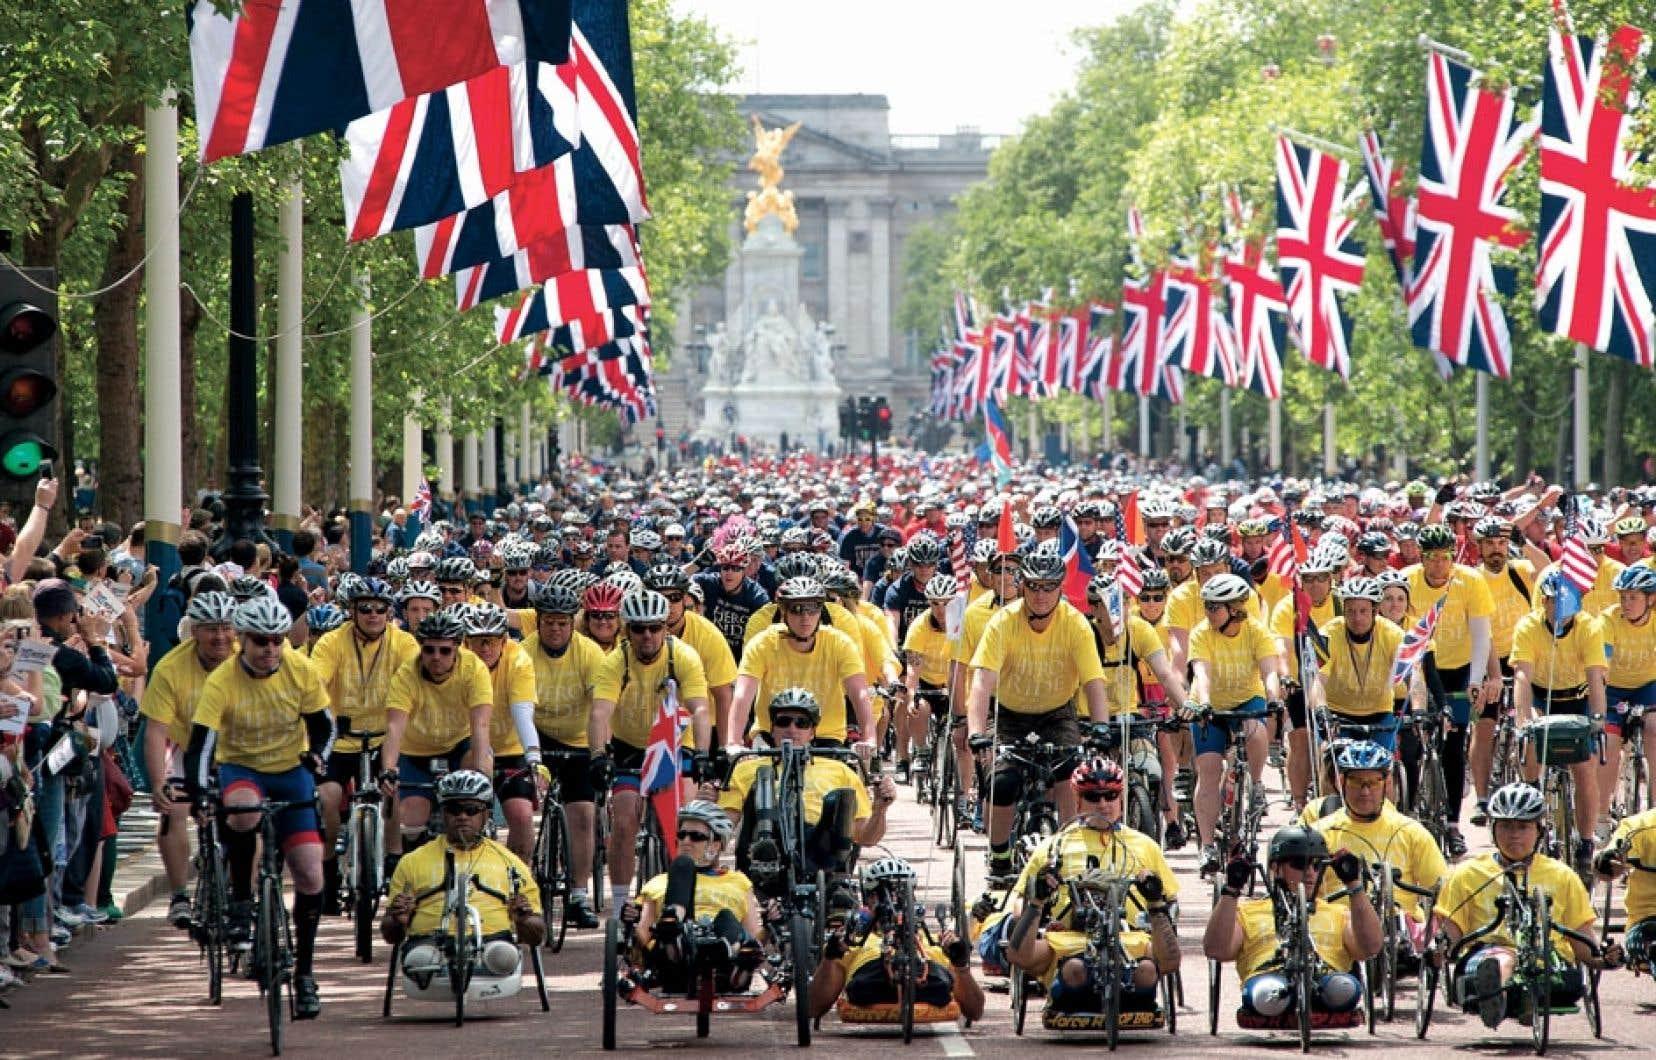 Quelque 300 personnes provenant du Royaume-Uni, du Canada et des États-Unis, dont plusieurs militaires ayant perdu des membres en Afghanistan et en Irak, ont participé à l'événement.